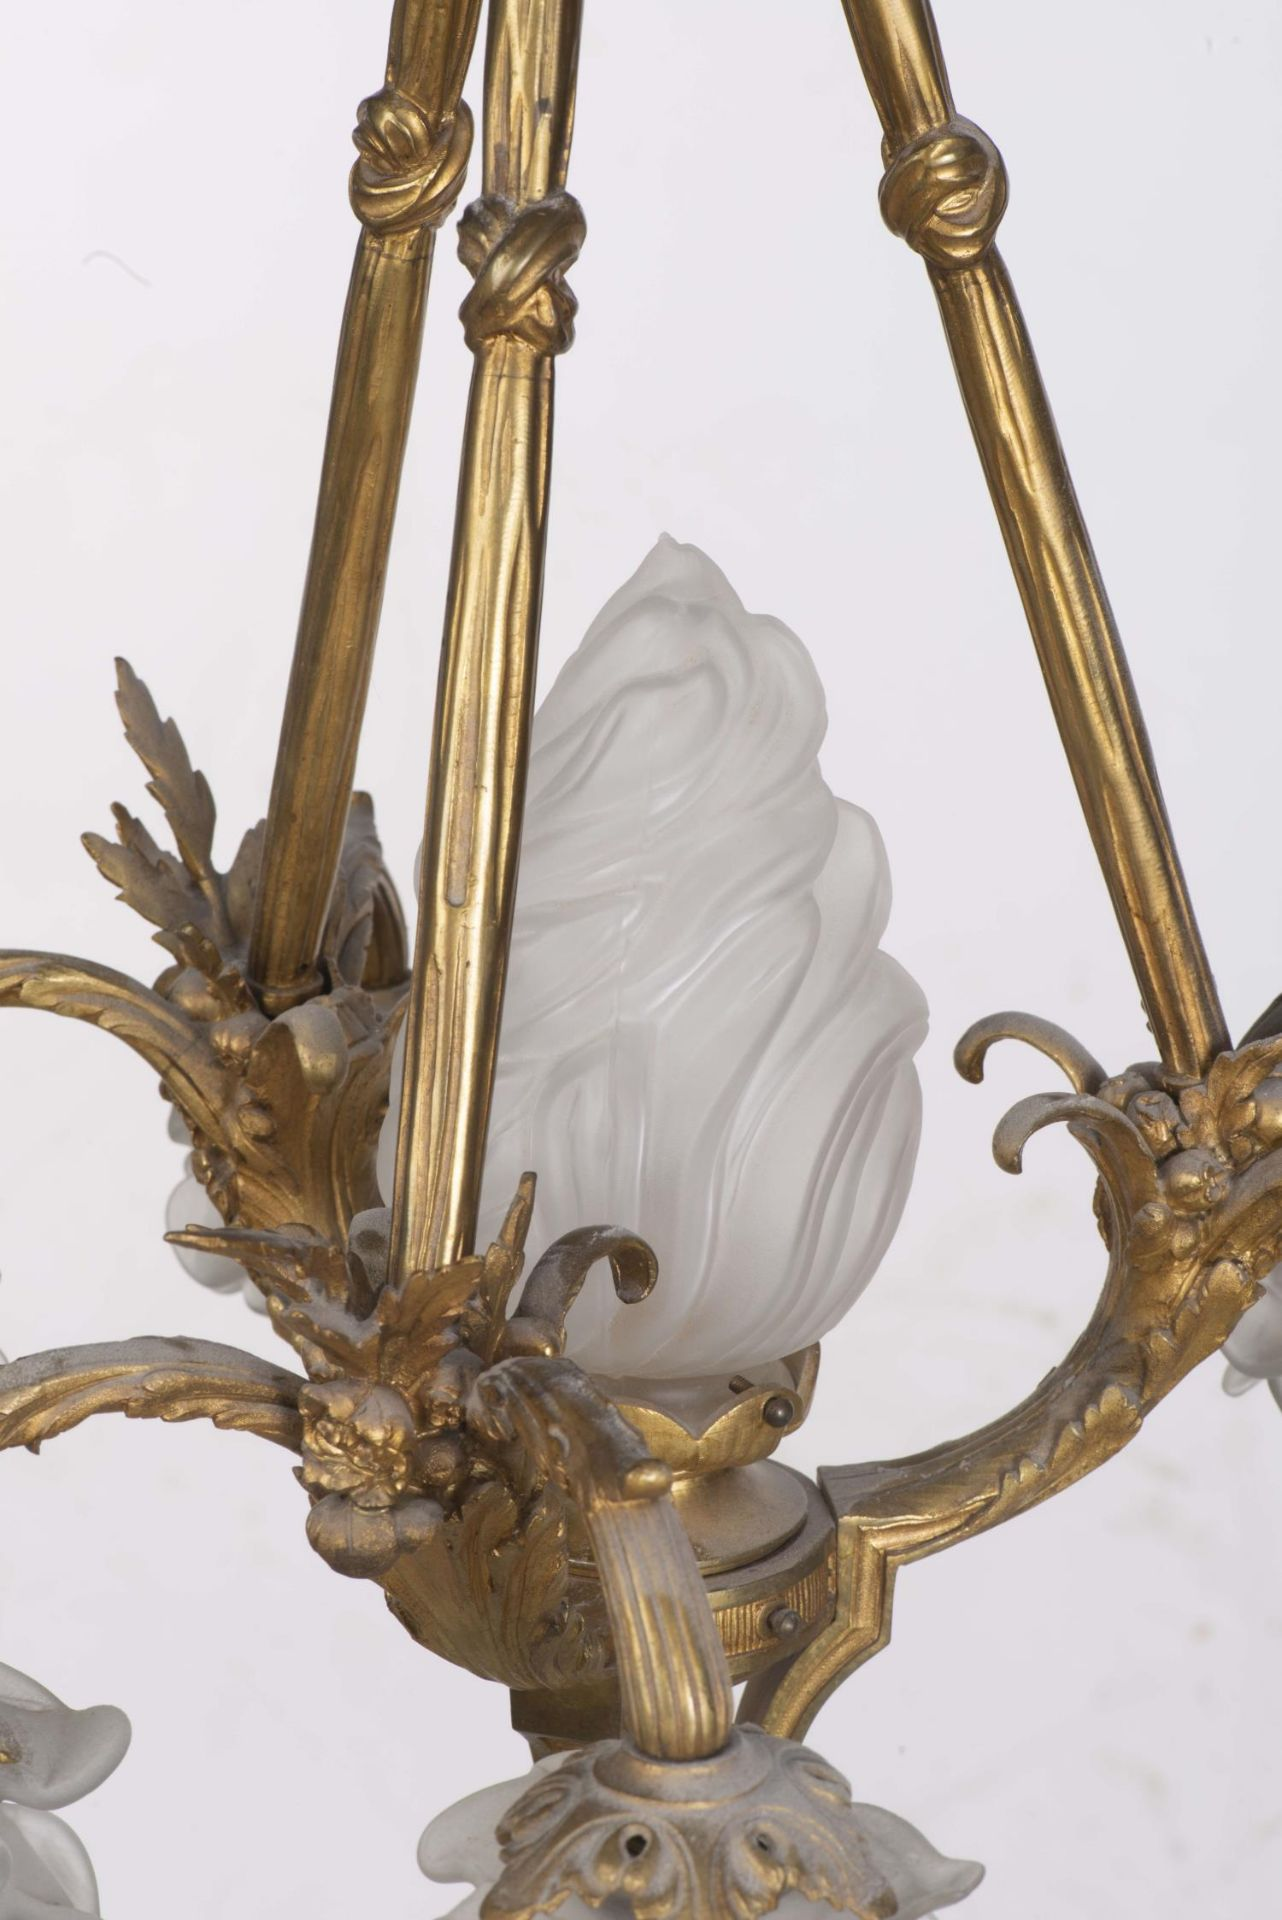 Lustre en bronze doré à décor de feuilles et rubans - Bild 2 aus 5